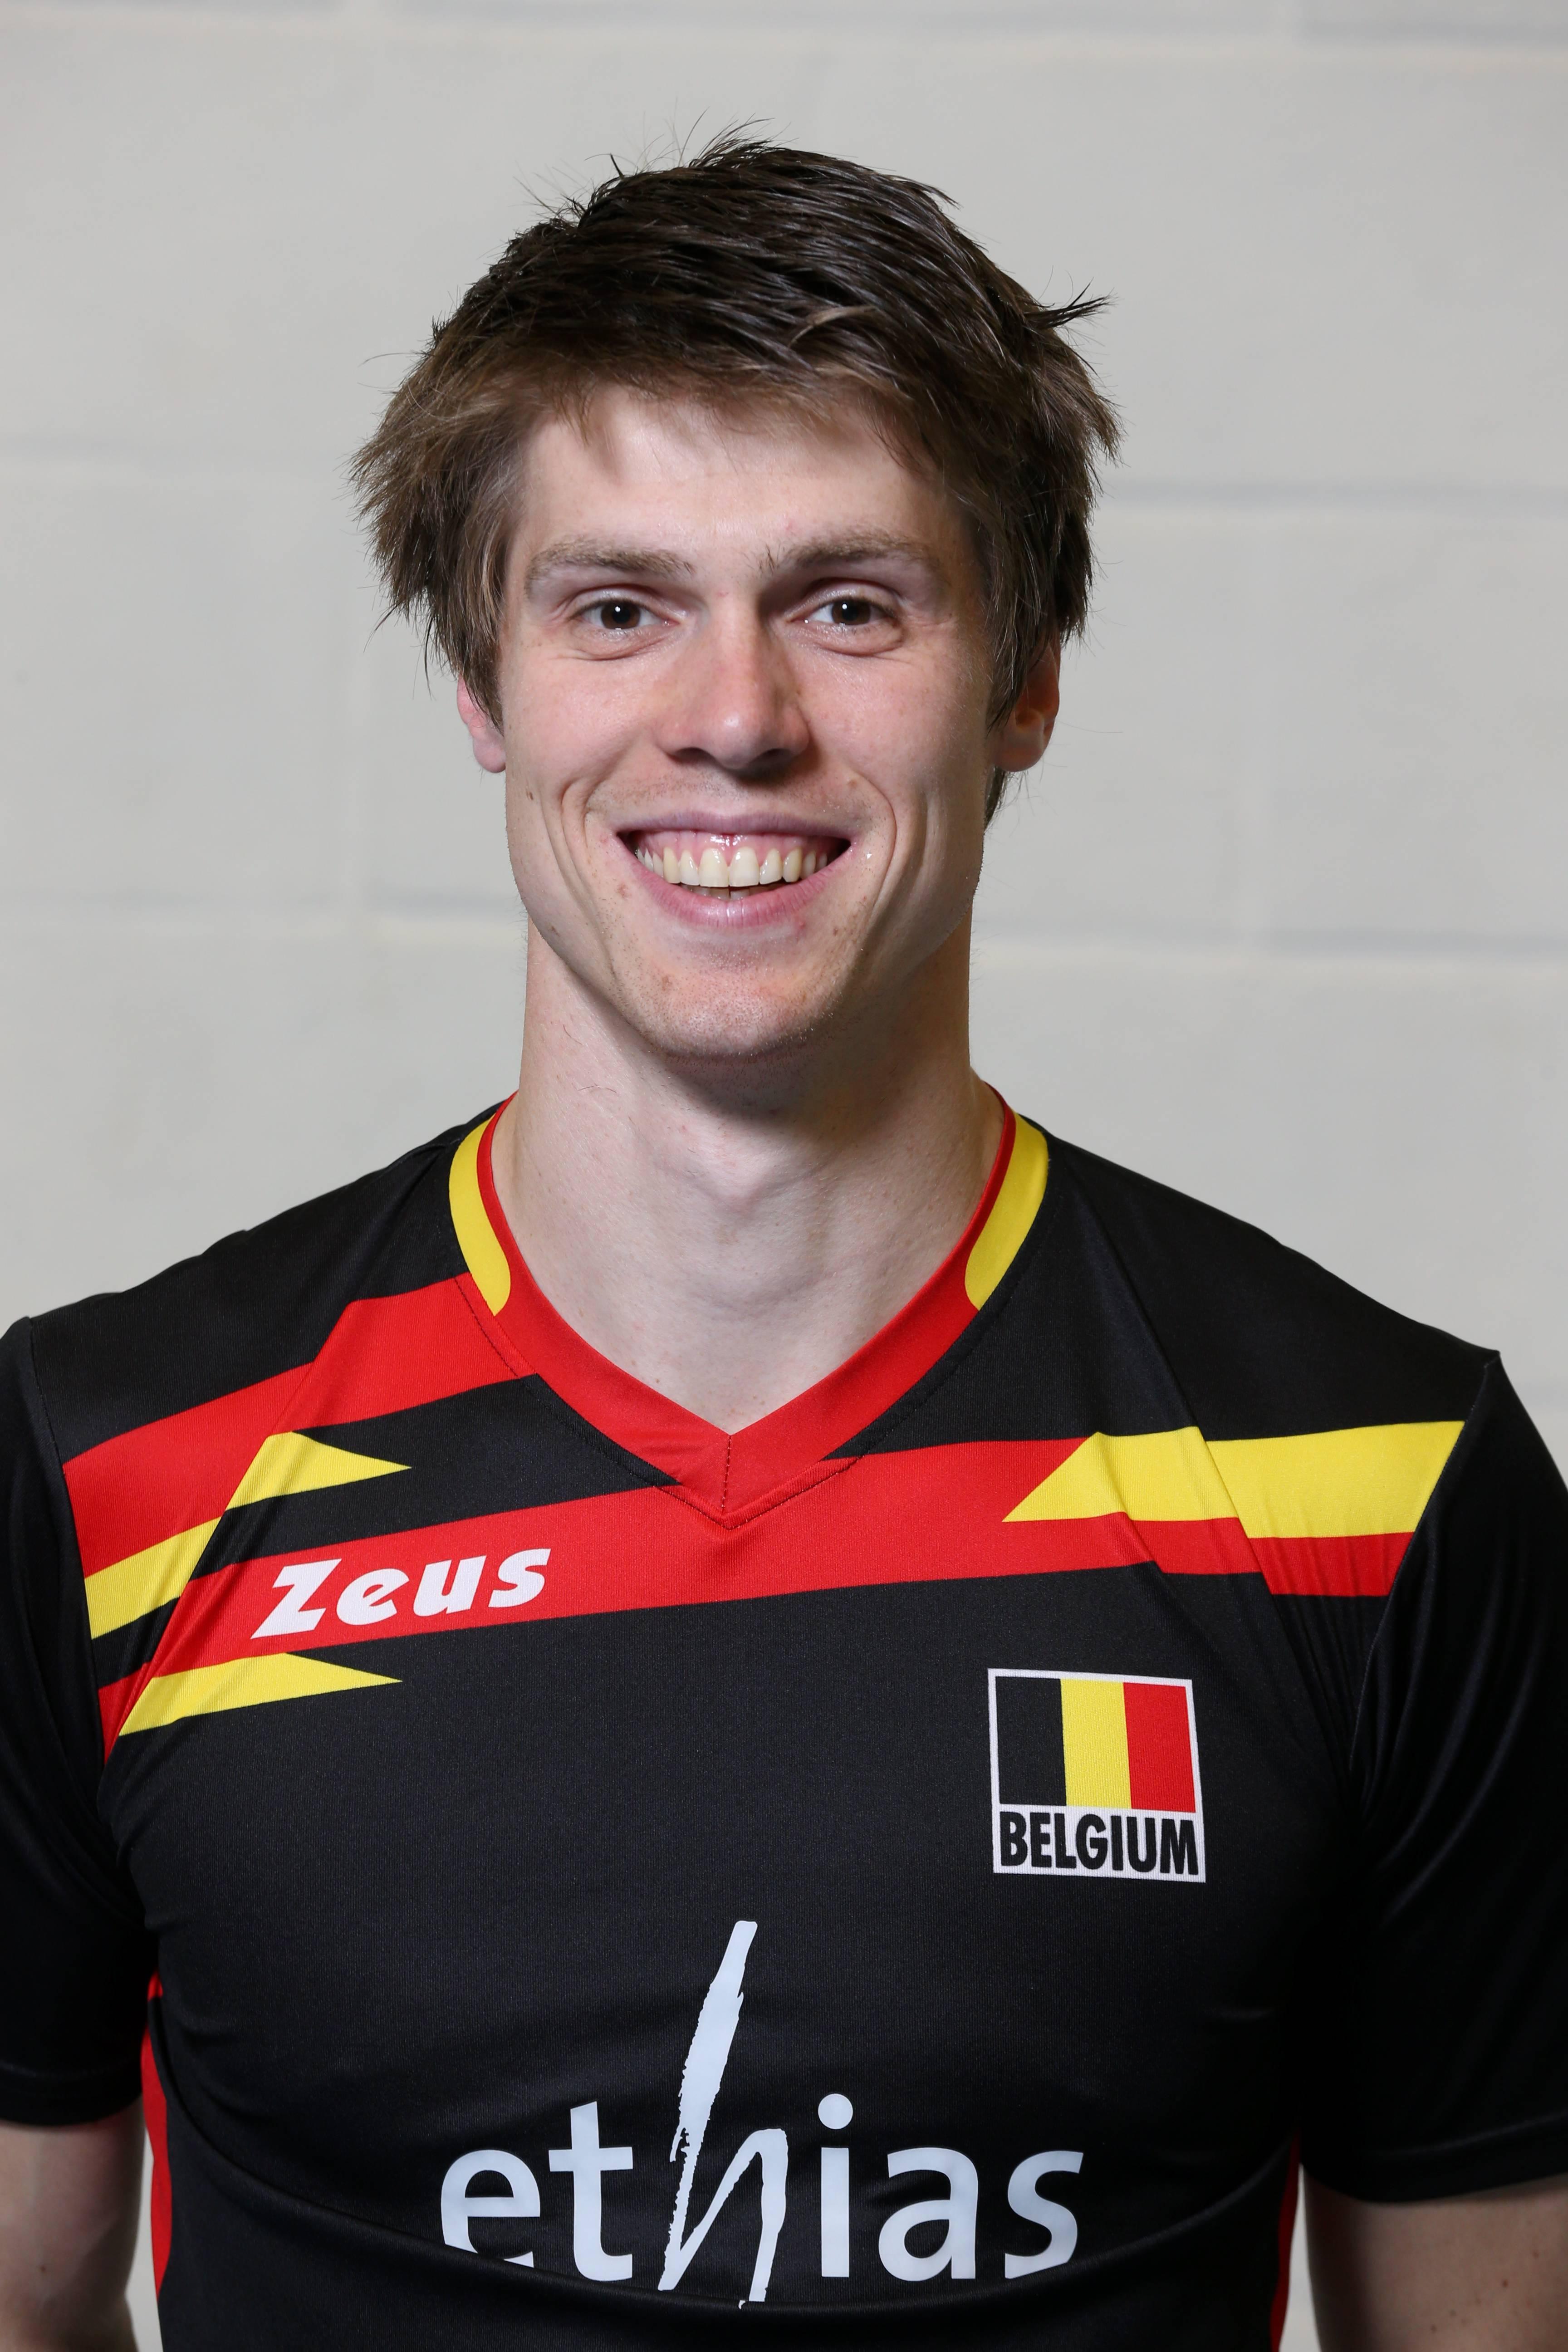 Gert Van Walle